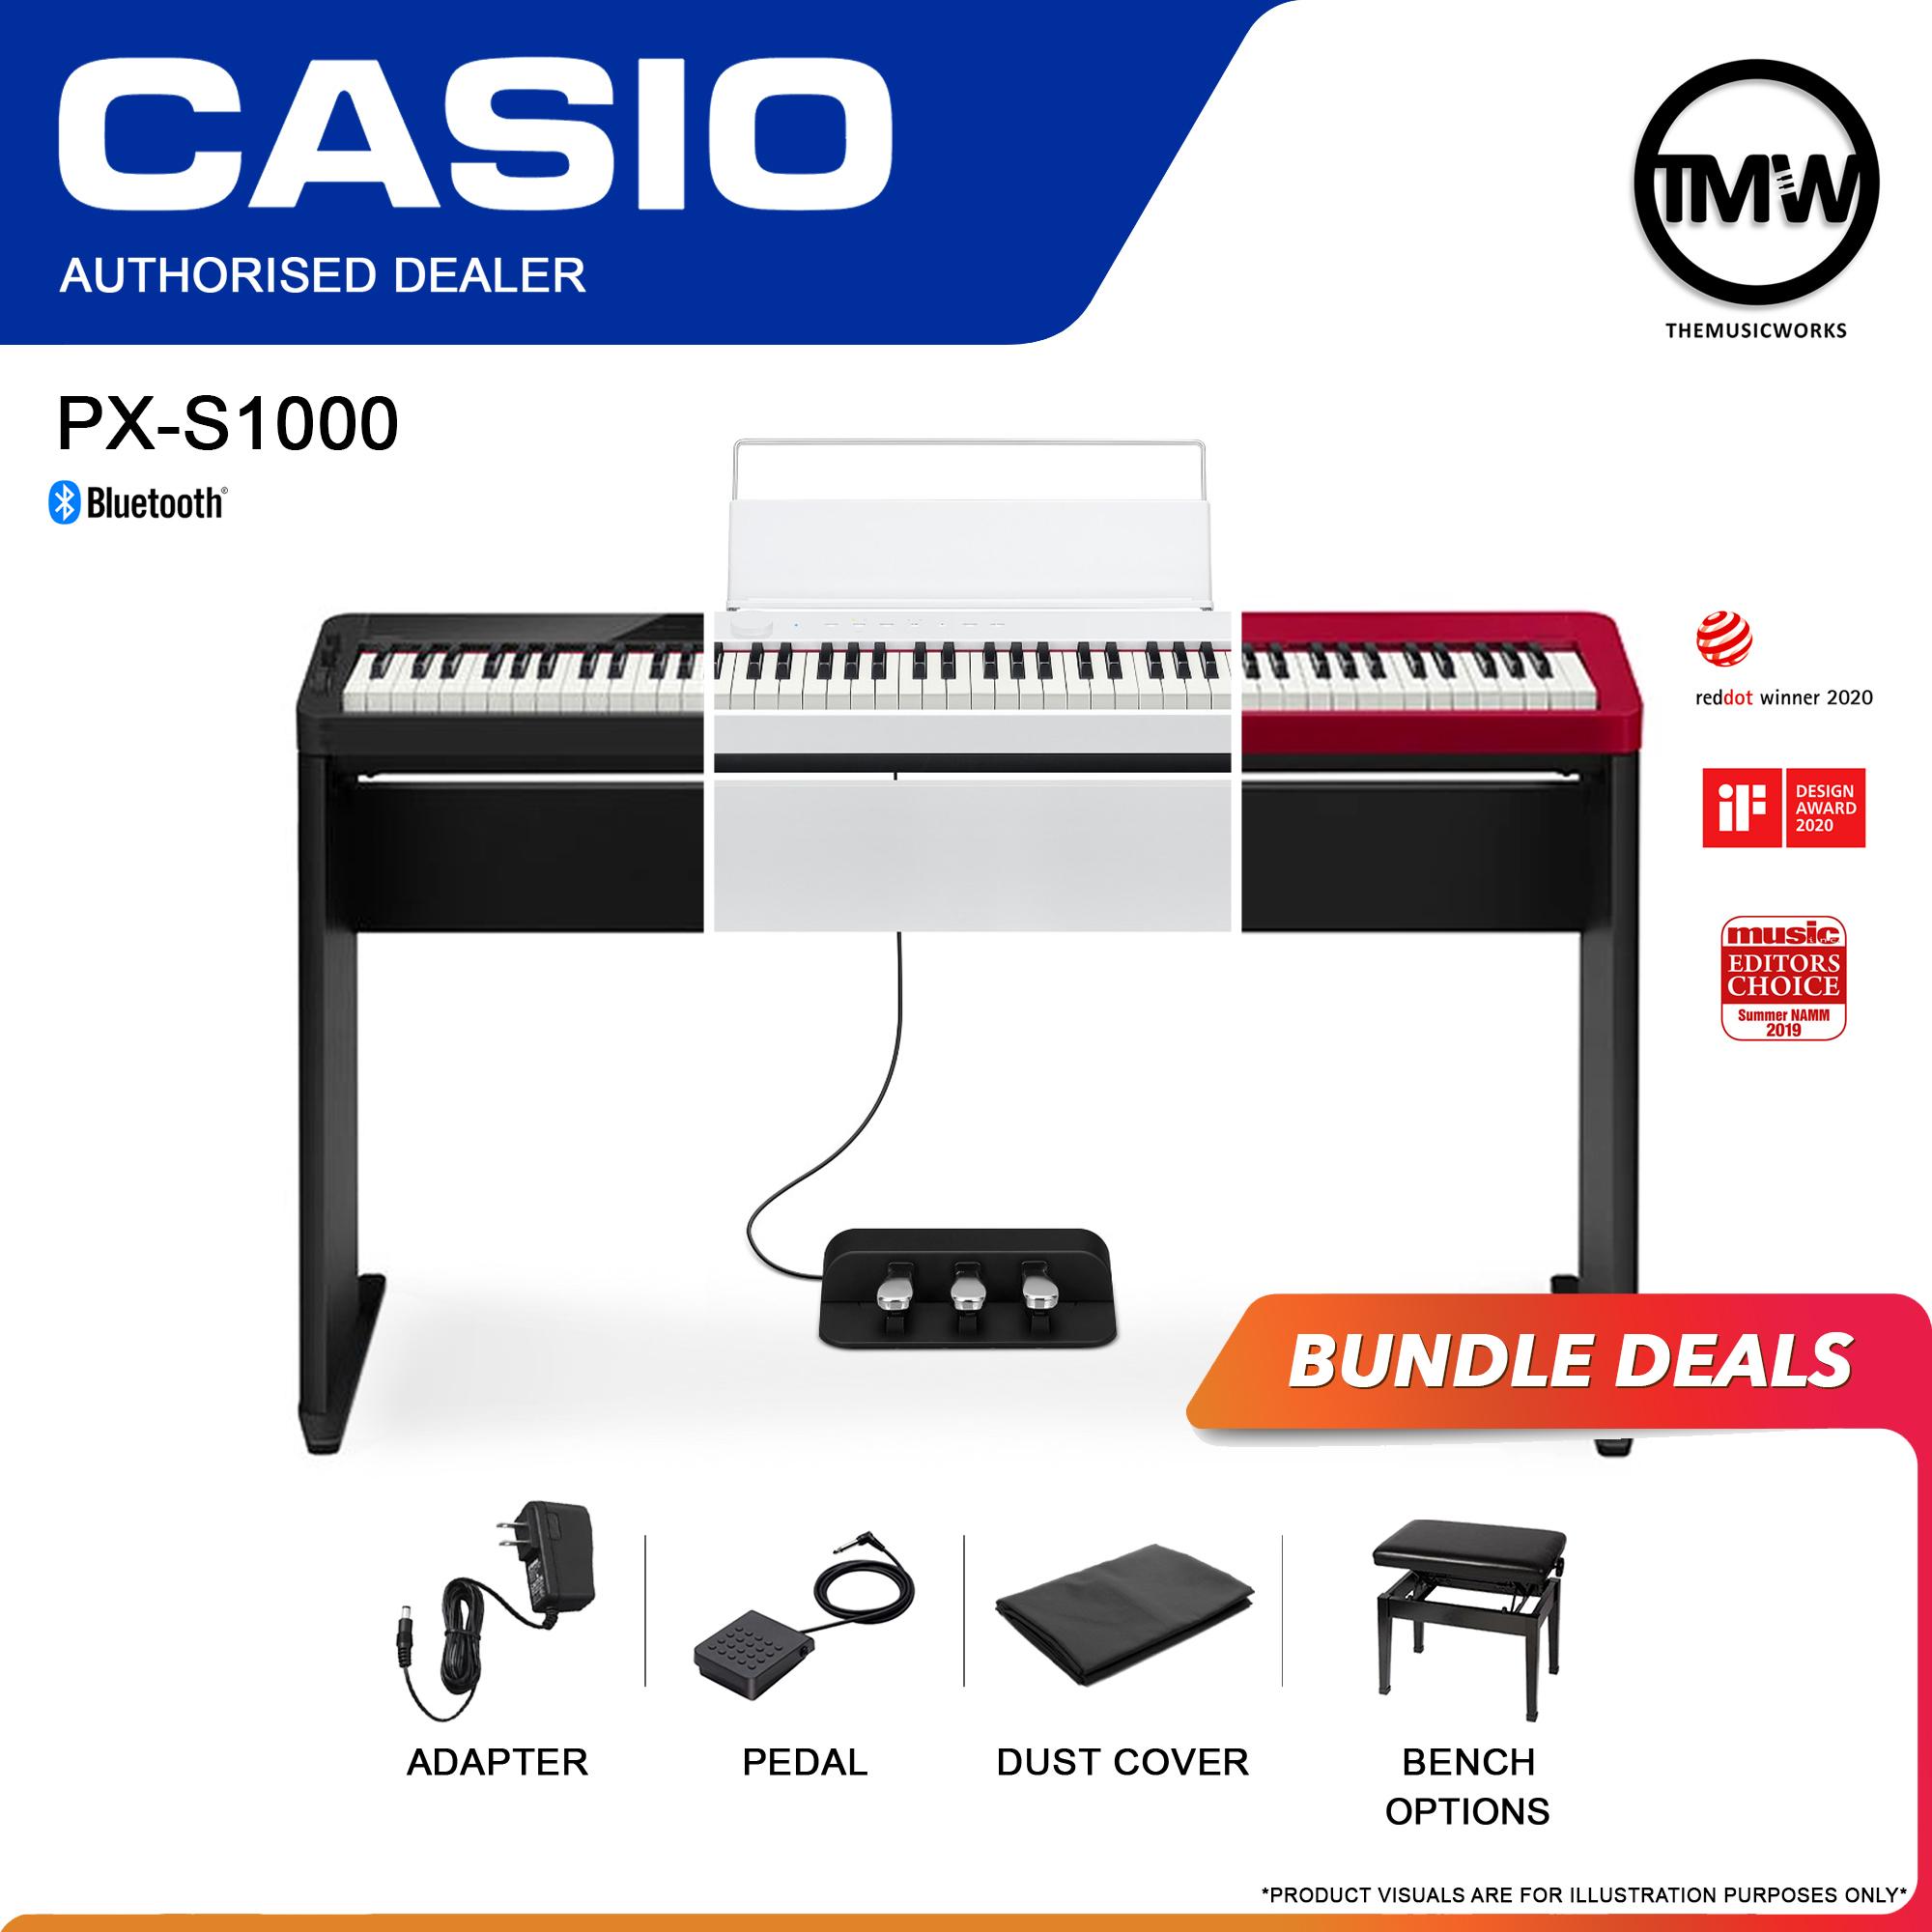 casio px-s1000 bundle deals promo